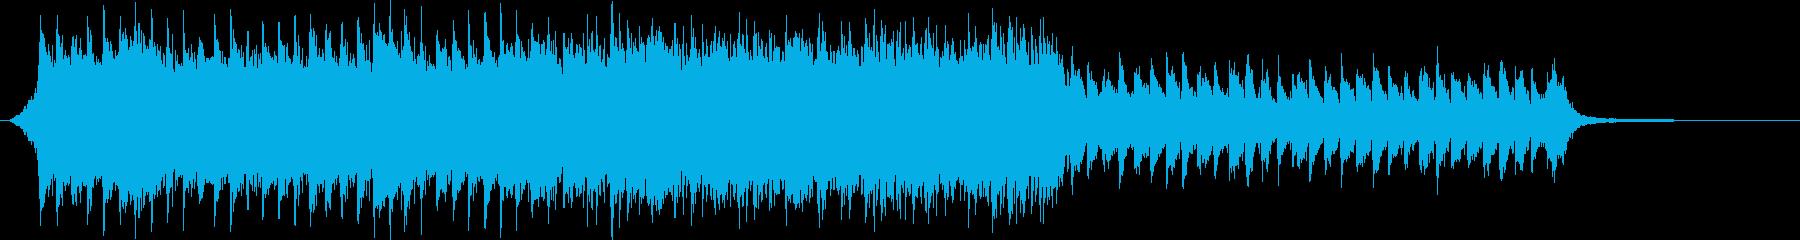 ショート版 企業VPやCMにの再生済みの波形